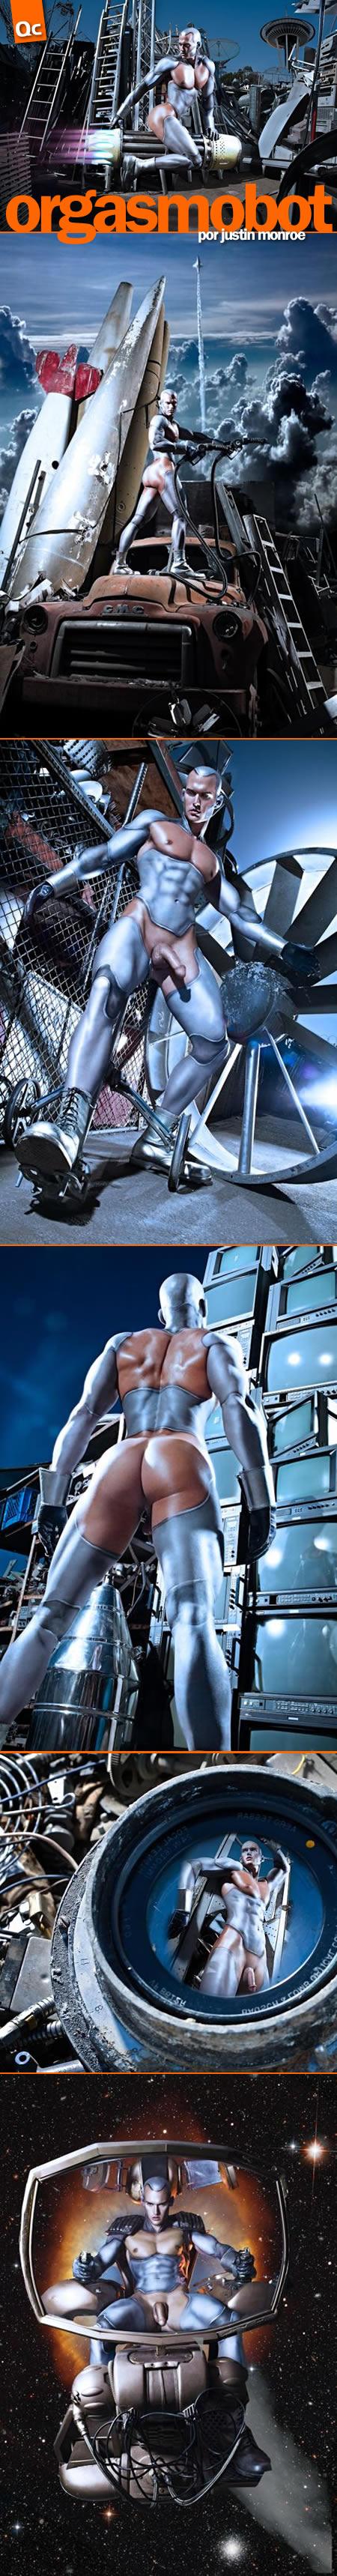 Justin Monroe: Orgasmobot